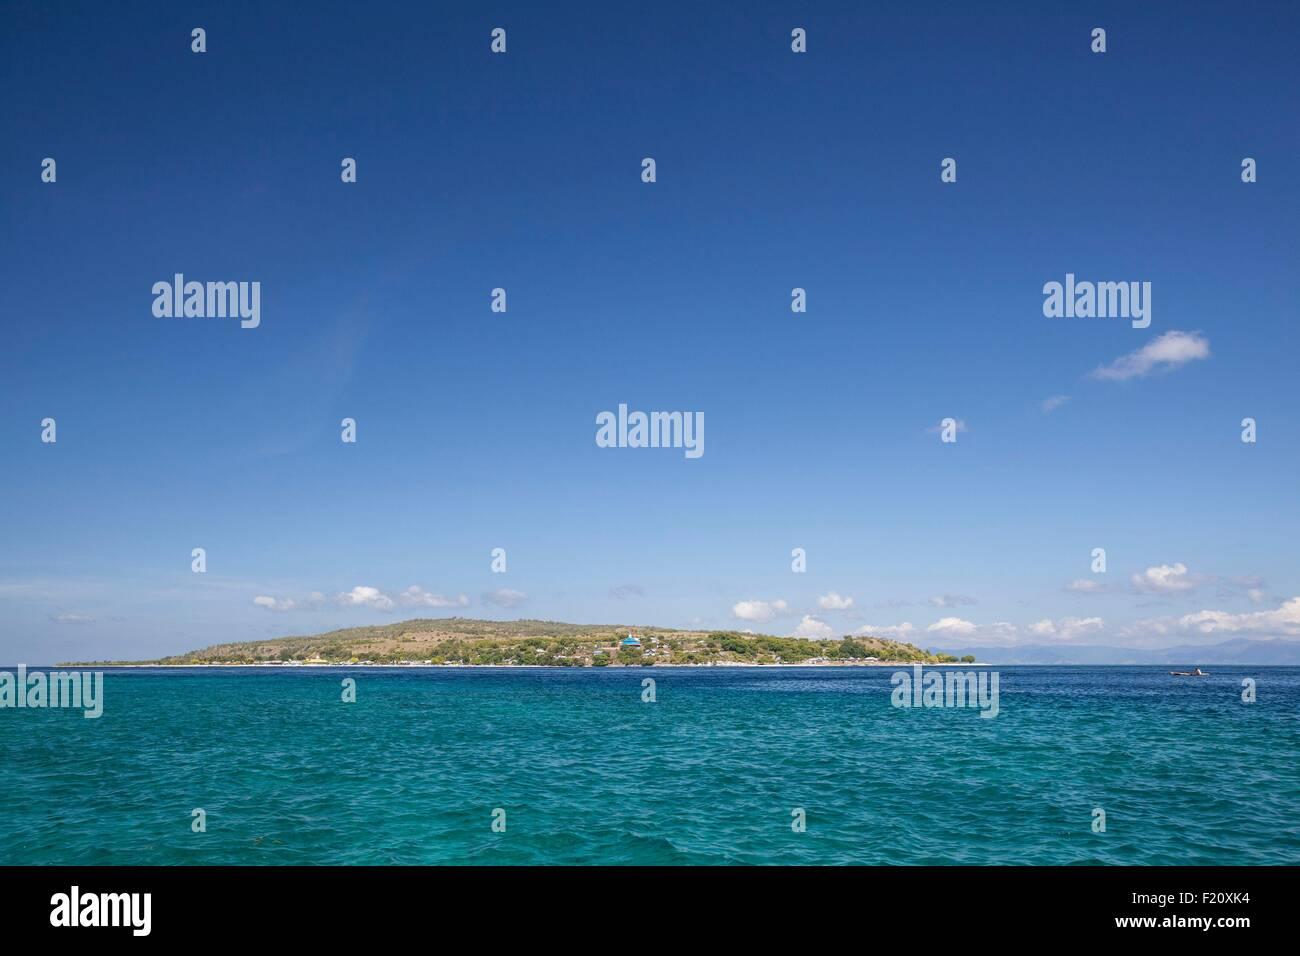 Indonesia, Lesser Sunda Islands, Alor archipelago, Kangge Island - Stock Image